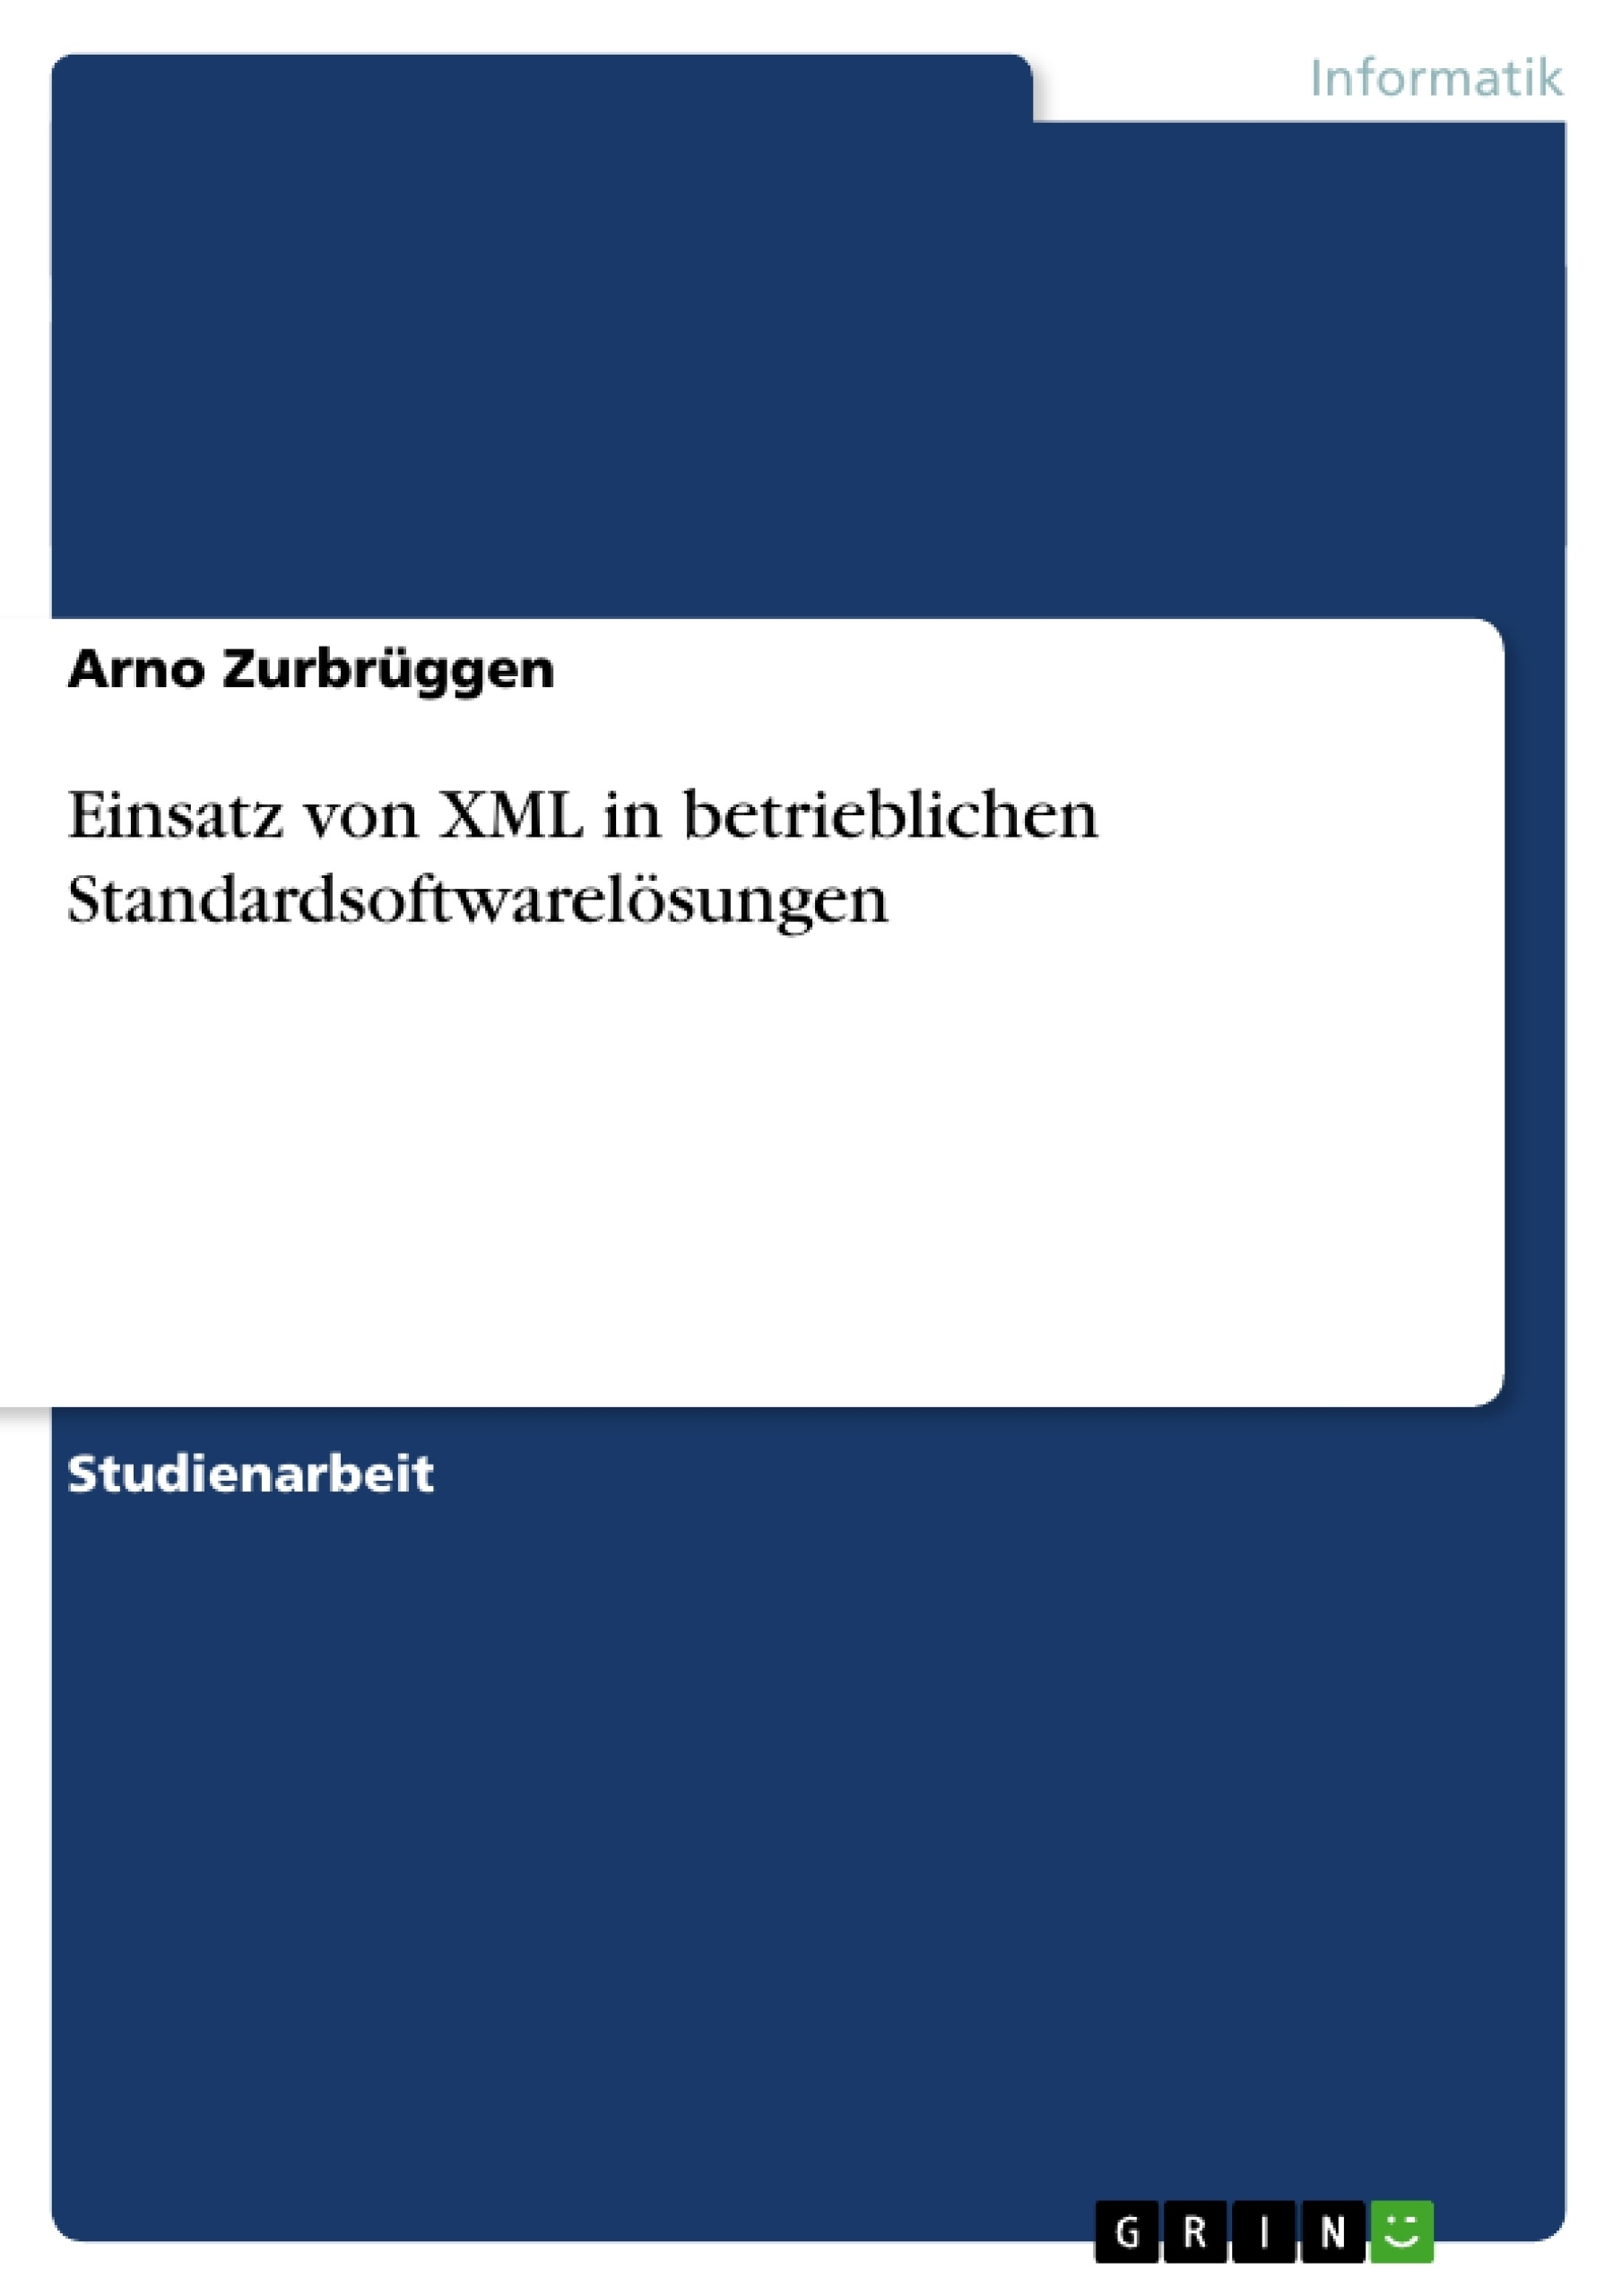 Titel: Einsatz von XML in betrieblichen Standardsoftwarelösungen